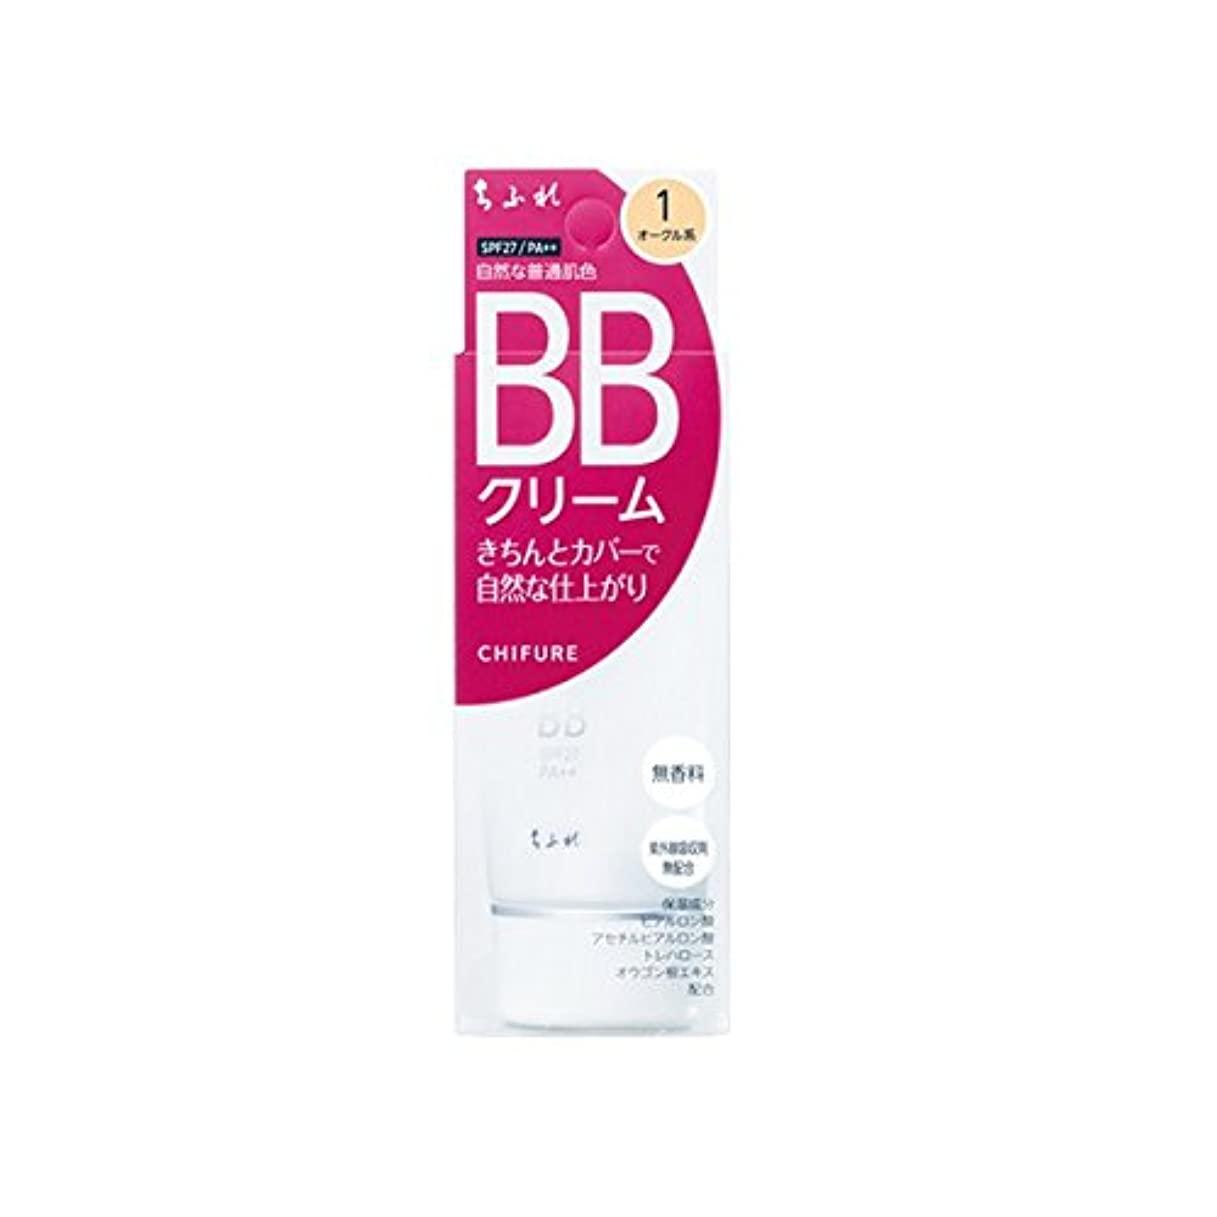 医師旋回起こりやすいちふれ化粧品 BB クリーム 1 自然な普通肌色 BBクリーム 1